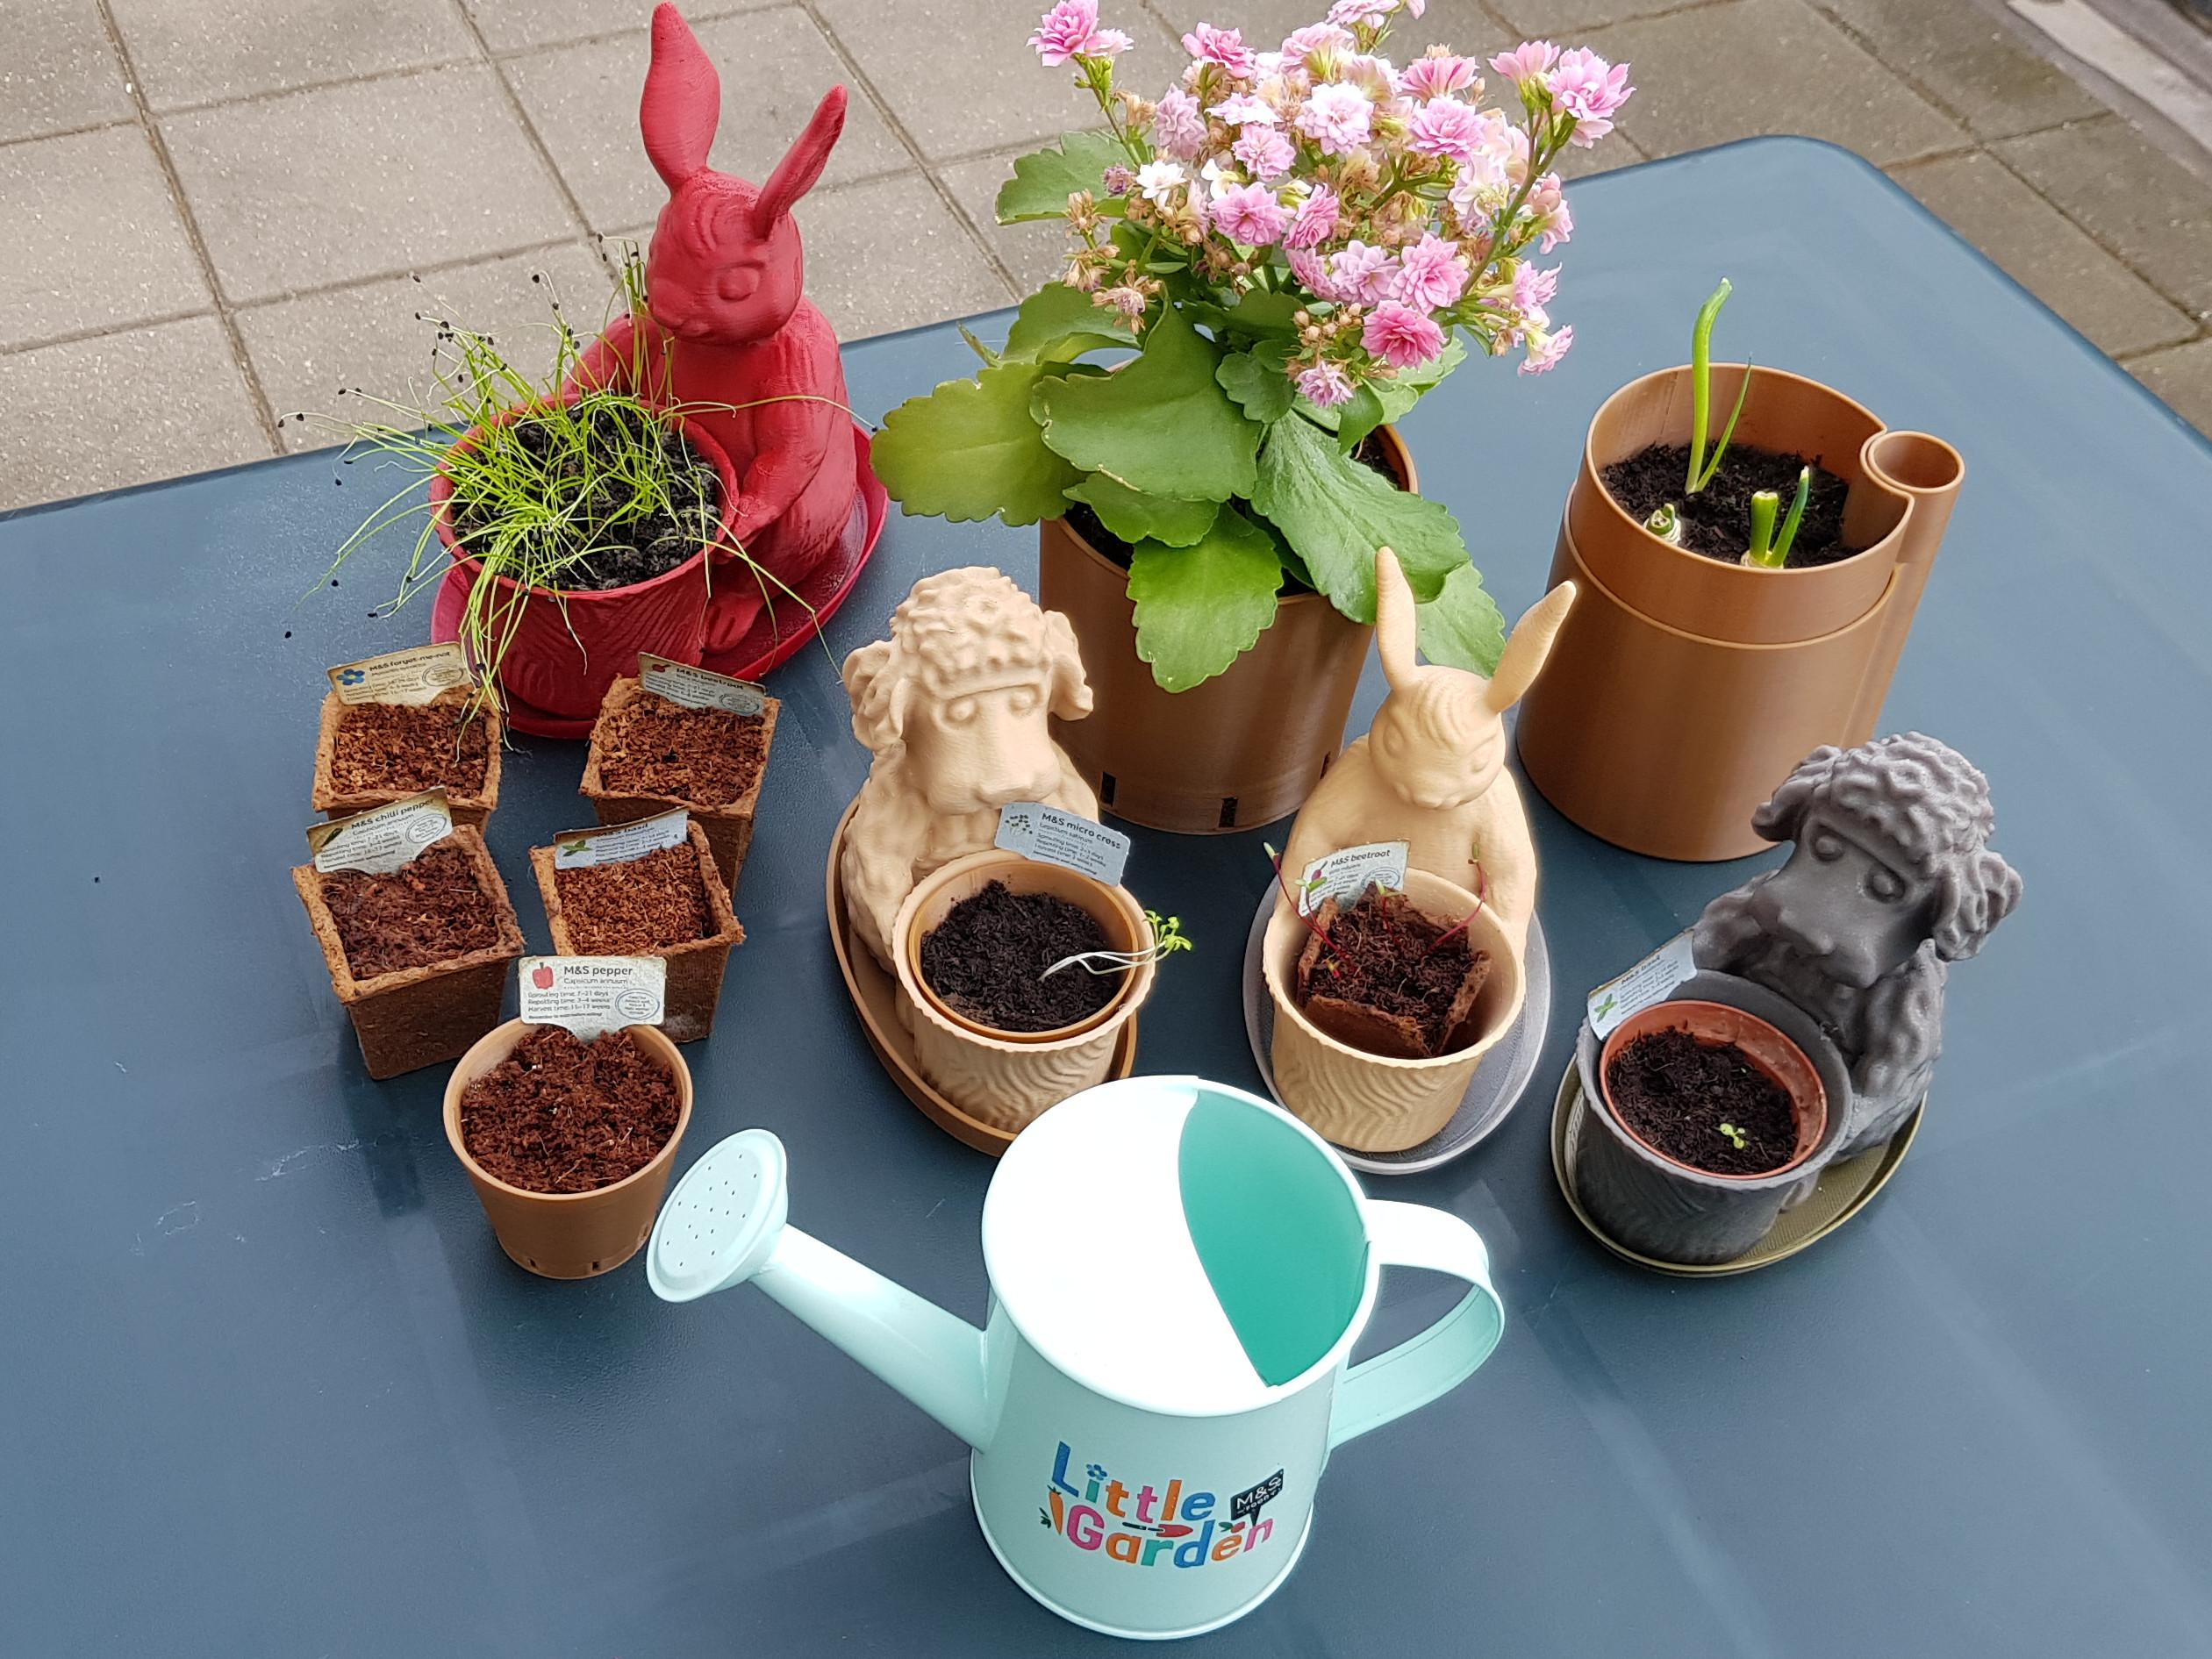 Plant Pots IG 1200x900.jpg Télécharger fichier STL gratuit Le chien du jardinier dans un petit jardin • Modèle pour impression 3D, MaxFunkner